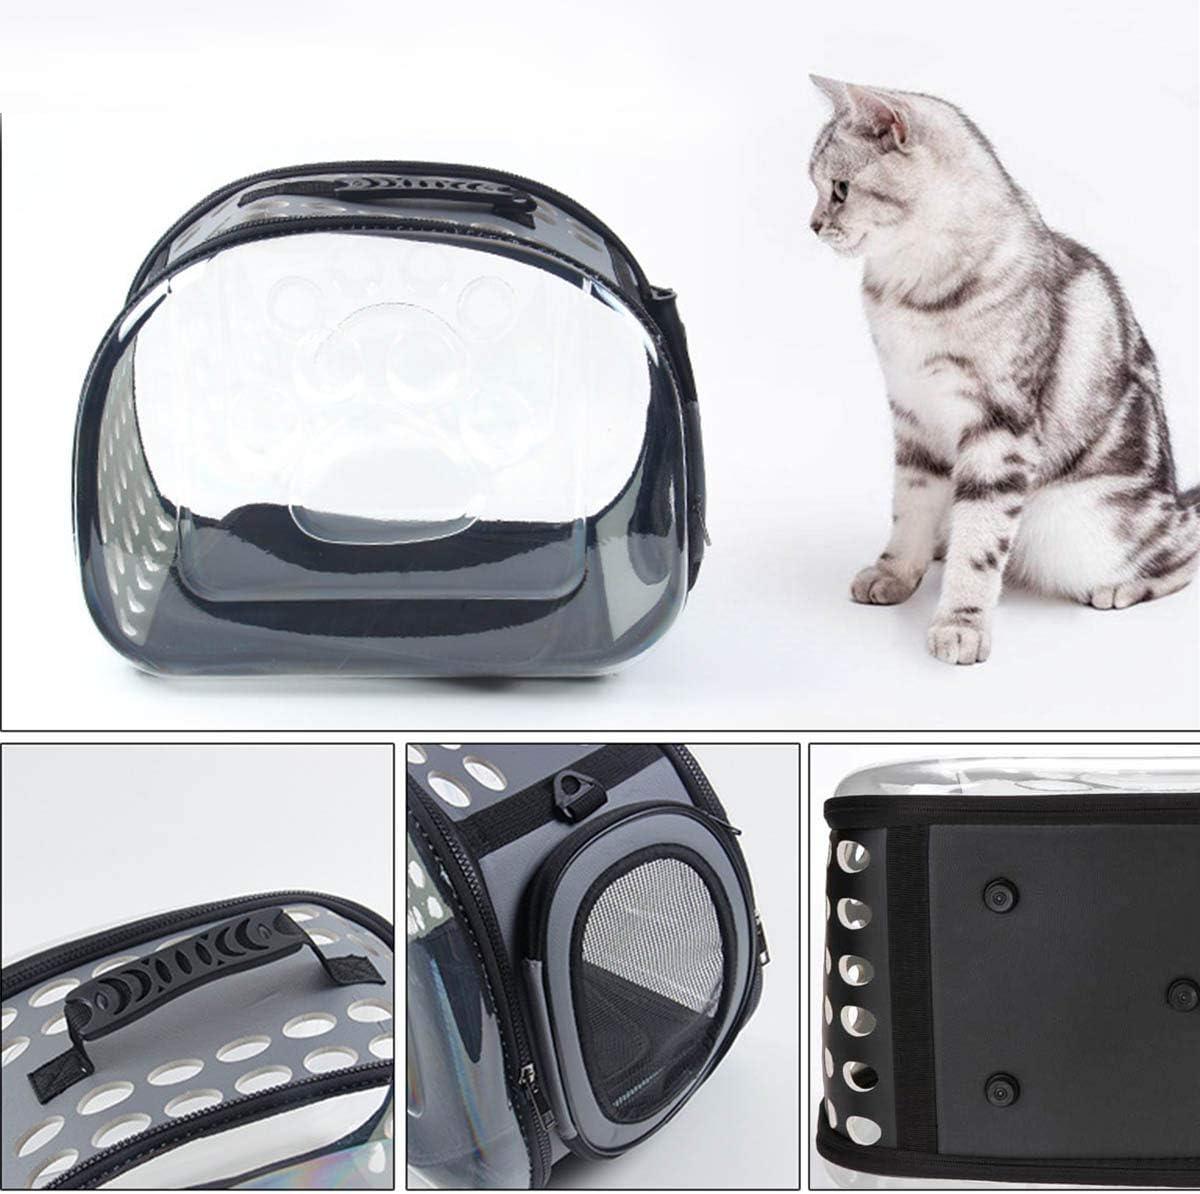 Wallfire Borsa da Trasporto per Animali Domestici Pieghevole Pieghevole Cat Dog Traspirante Universale Travel out Carrier Bag Box Color : Black, Size : S